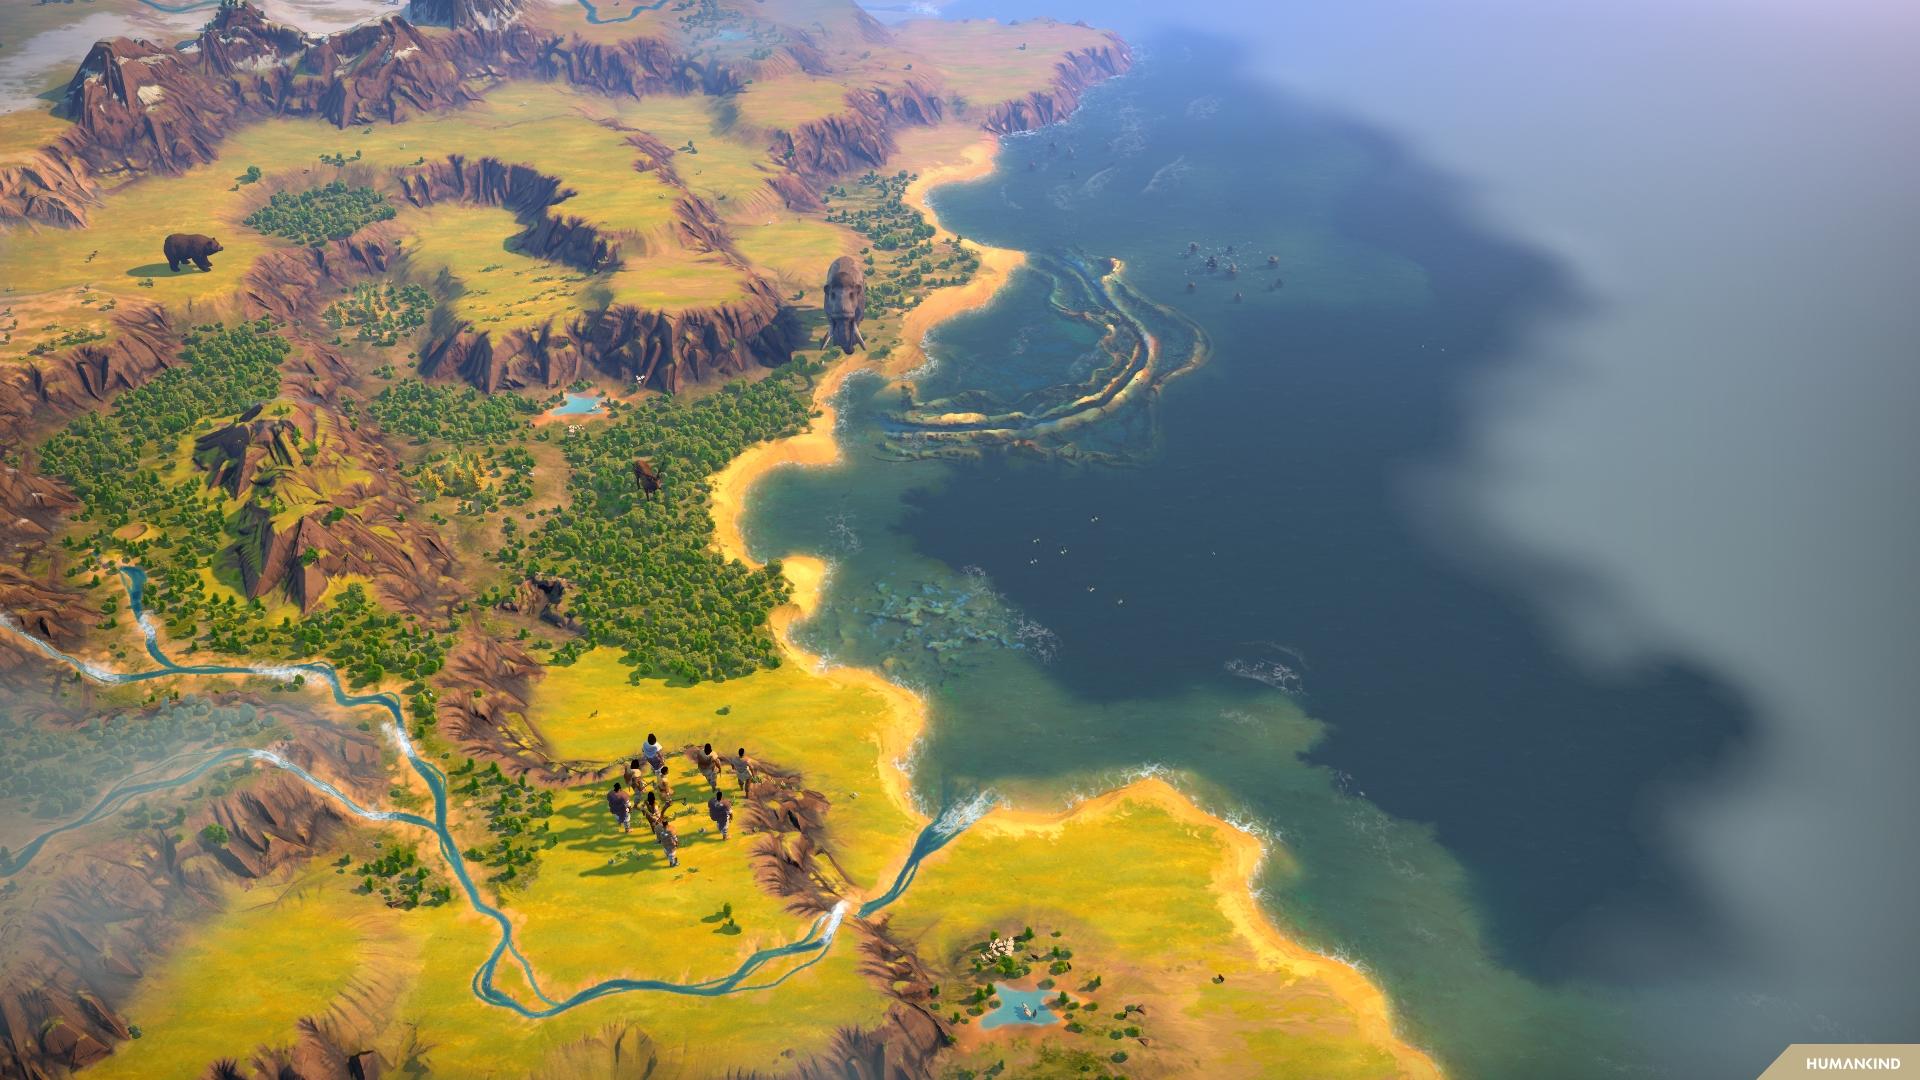 历史策略游戏《人类》新预告 明年4月22日发售